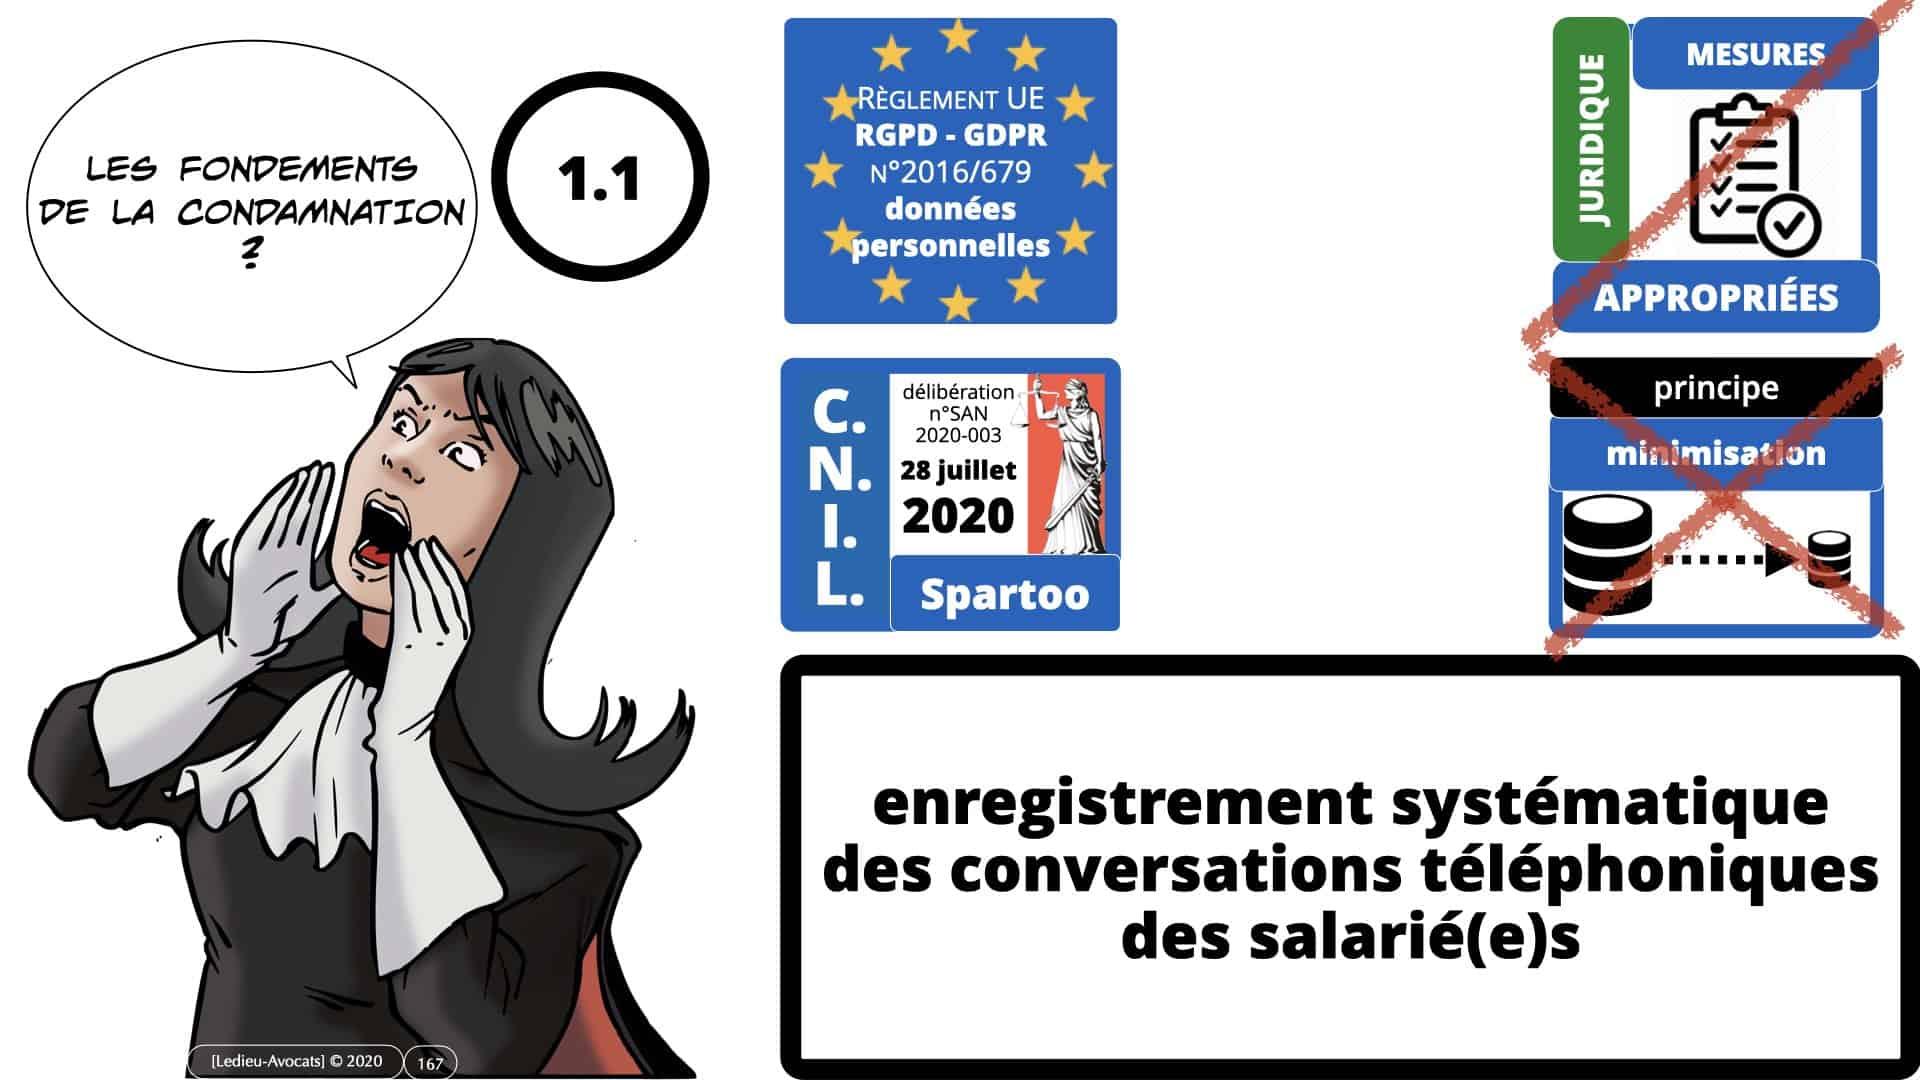 RGPD e-Privacy données personnelles jurisprudence formation Lamy Les Echos 10-02-2021 ©Ledieu-Avocats.167